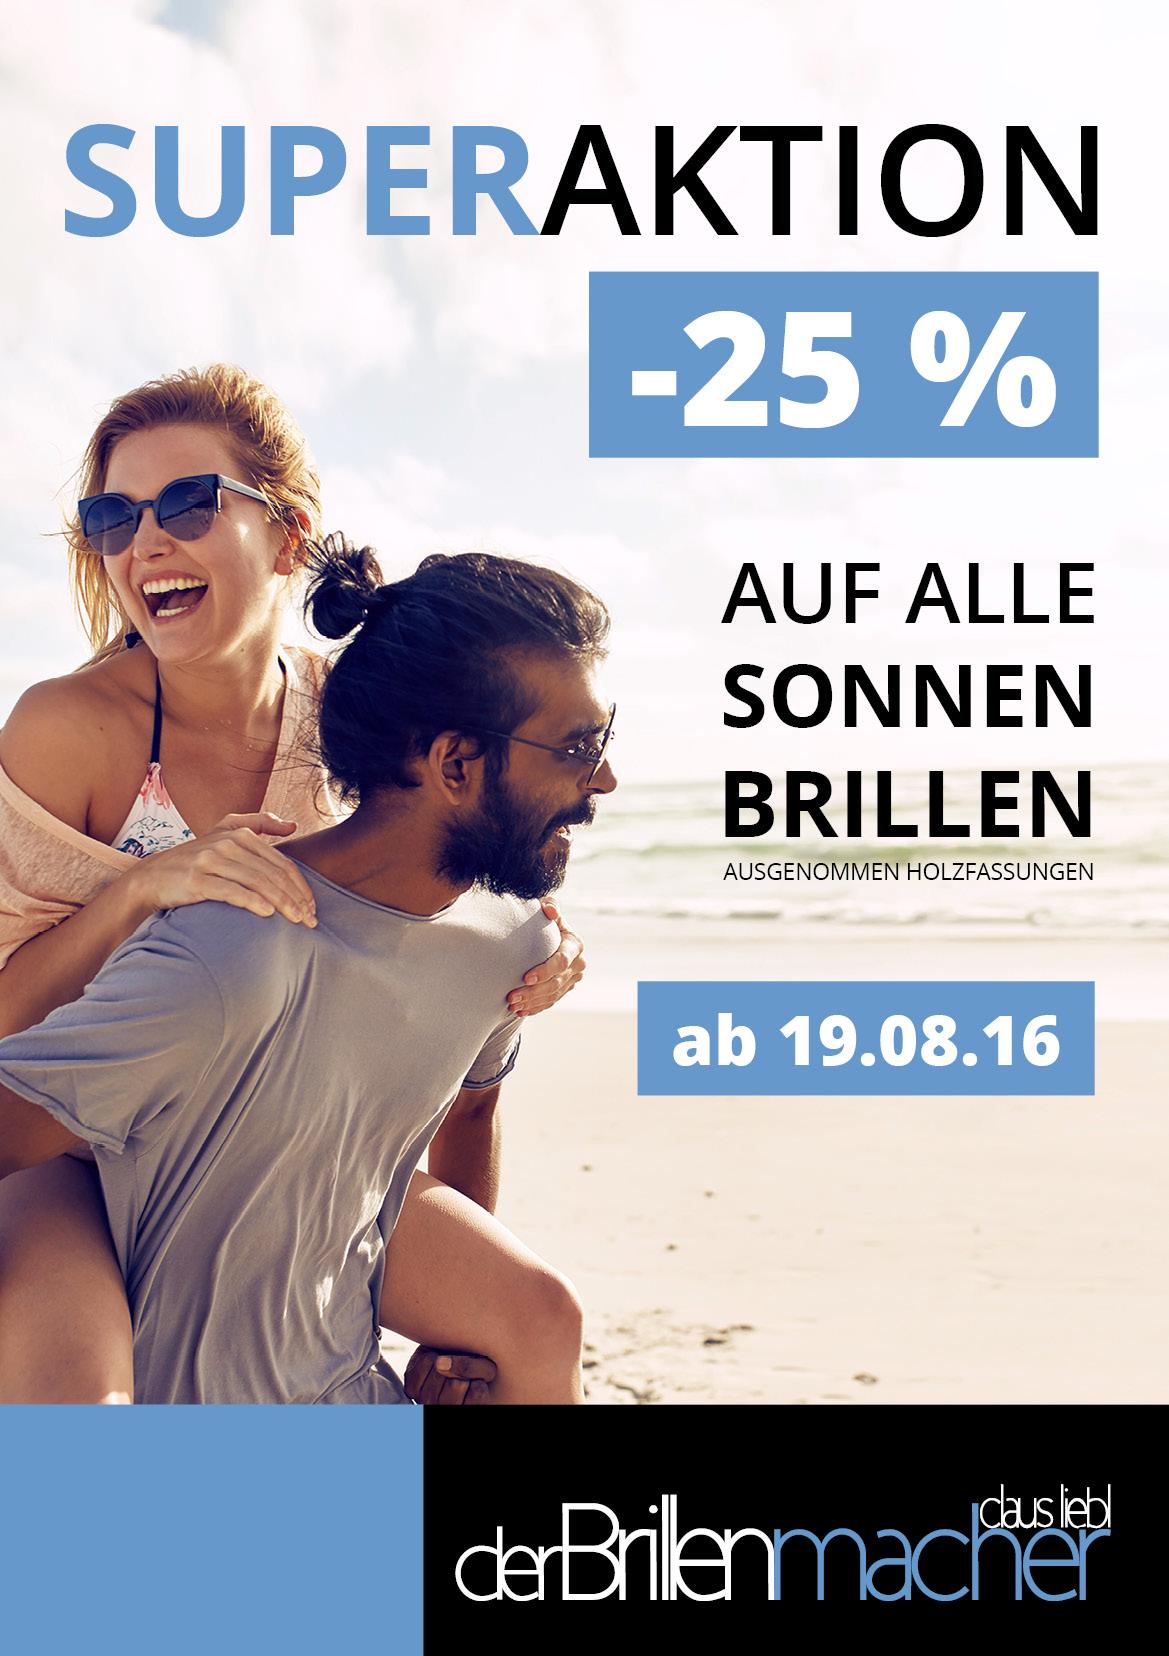 -25 % Rabatt auf alle Sonnenbrillen beim Brillenmacher in Waging